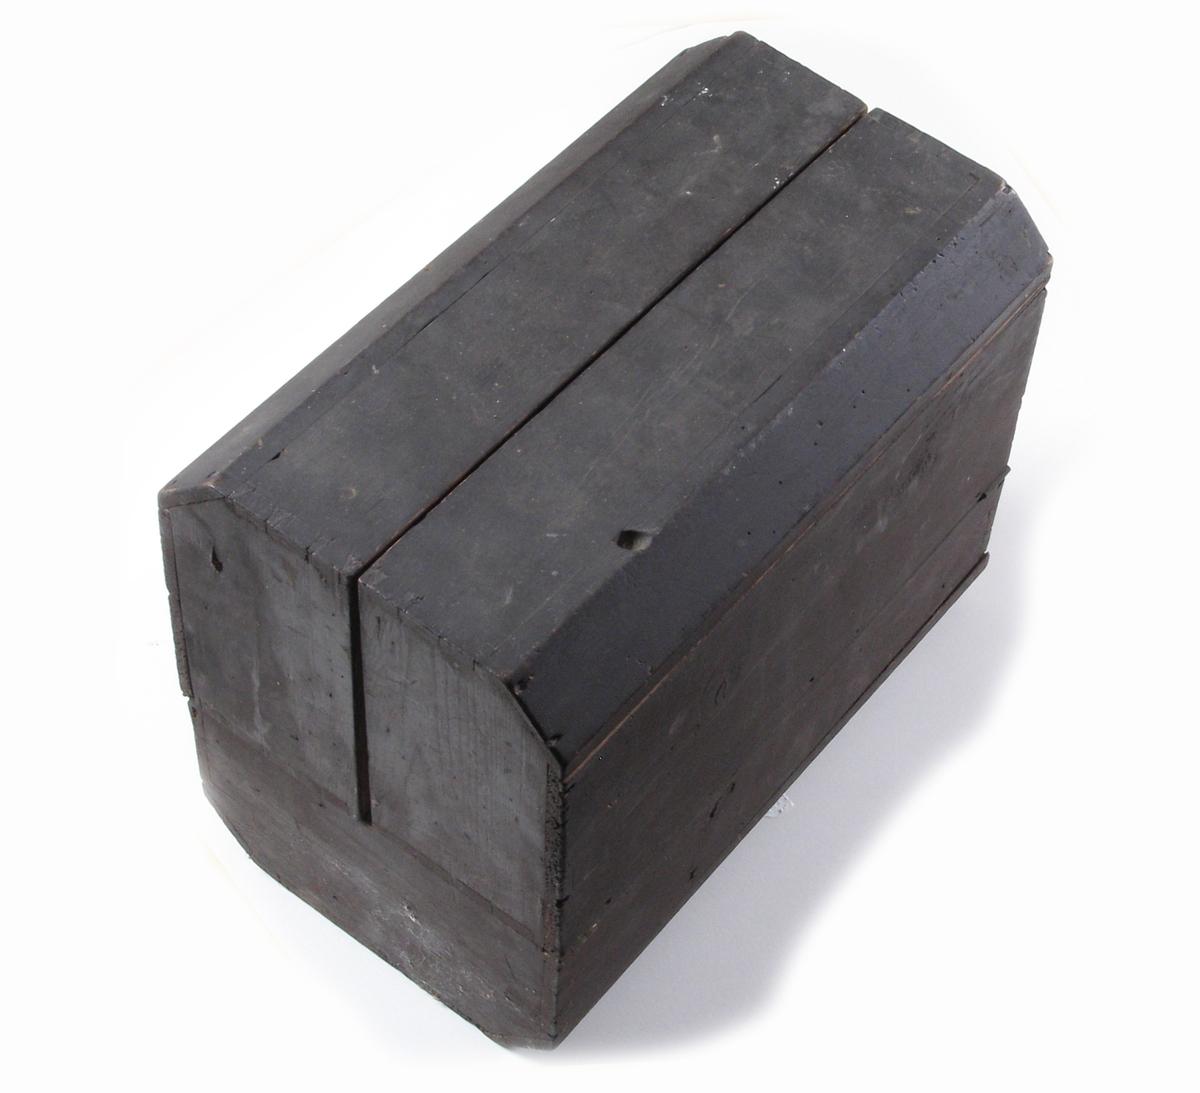 """a) Rektangulær trekasse.  Avfaset oppe og nede slik at kortsiden blir 8-kantet (avskårne """"hjørner"""").  Kassen har hengslede sider med halvt lokk, som starter ca. 1/3 fra bunnen, slik at sidene kan slås utover.  Utslått hviler de på de avskårne """"hjørnene"""".  Sidene utgjør dermed to kasser, den ene med halvt lokk over, slik at kassen får tre rom.  Brunmalt.  b) Hælbeslag av jern.  To hull på hver side for feste under skoen, to på hver side for feste utenpå sålen og ett hull for feste utenpå sålen midt bak.  Merket PAT.Nr. 48686  c) Hælbeslag av jern.  To hull på hver side for feste under skoen, to på hver side for feste utenpå sålen og ett hull for feste utenpå sålen midt bak.  Merket PAT.Nr. 486??  d) Papirpose med Gummi-sålebesparere.  Merket ALBI.  """"Spesielt utmerket som besparere for tresåler - gir stor slitestyrke og behagelig gang.  Passer også for lærsåler.  Denne pakke inneholder sålebesparere og stifter for 1 par såler.  ALBI forlenger sålens levetid  Pris kr. 1,00""""  Bilde av hvordan 8 nyreformede sålebesparere skal festes.  Posen inneholder 16 sålebesparere (ubrukte), liten pose med 41 stifter, og en liten rund metallgjenstand som trolig ikke hører til.  Ytterposen er slitt, frynsete og krøllete.  e) Lest av tre.  Overdel til høyresko.  Hull i enden for oppheng og hull i siden (ikke helt gjennom).  Merket C 6 1/4.  Tilhører lesten h)   f) Lest av tre.  Overdel til venstresko.  Hull i enden for oppheng og hull i siden (ikke helt gjennom)  Merket C 6 1/4  Tilhører lesten g)  g) Lest av tre.  Venstre bein.  Mannssko.  Hull i en ende med hampetau igjennom.  h) Lest av tre.  Høyre bein.  Mannsko  Hull i en ende med hampetau igjennom.  i) Lest av tre.  Høyre bein.  Kvinnesko eller barnesko.  Over- og underdel er skrudd sammen.  j) Lest av tre.  Venstre bein.  Kvinnesko eller barnesko.  Over- og underdel er skrudd sammen.  k) Pussholt. Brukes til å polere kantene på lær, typisk skosåler. Hovedformen er rektangulær, men med avfasede hjørner slik at den blir god å grip"""